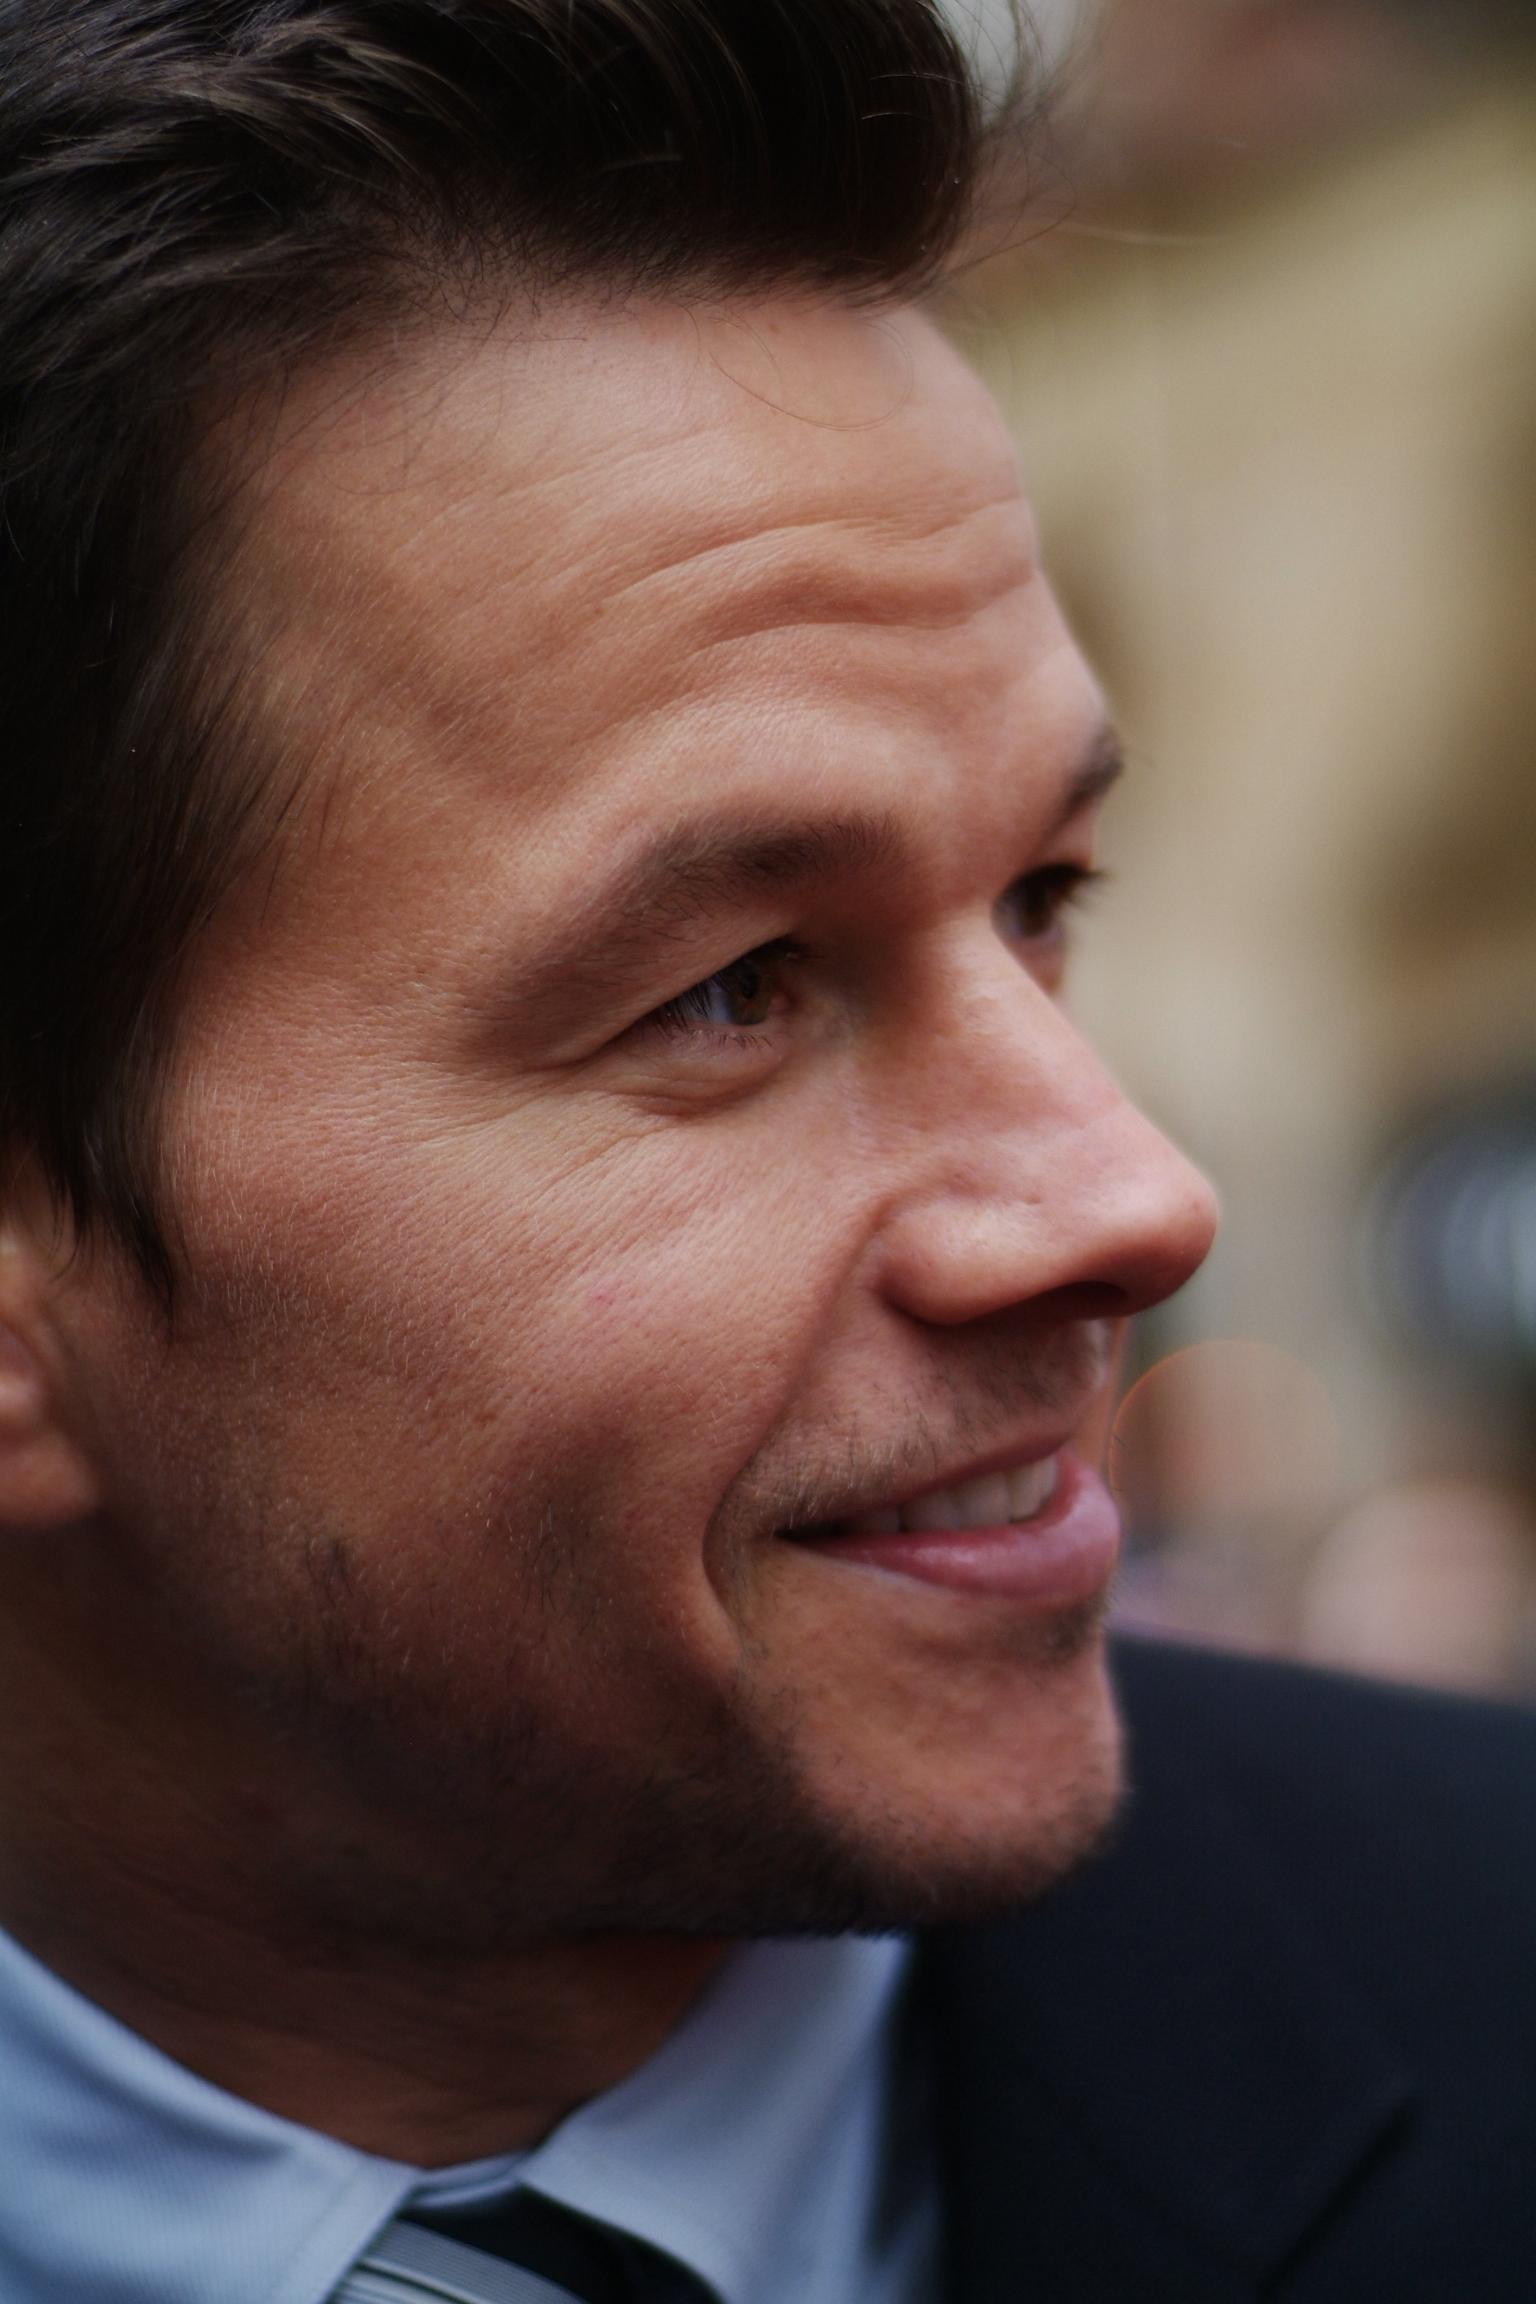 Description Mark Wahlberg 2007.jpg Mark Wahlberg